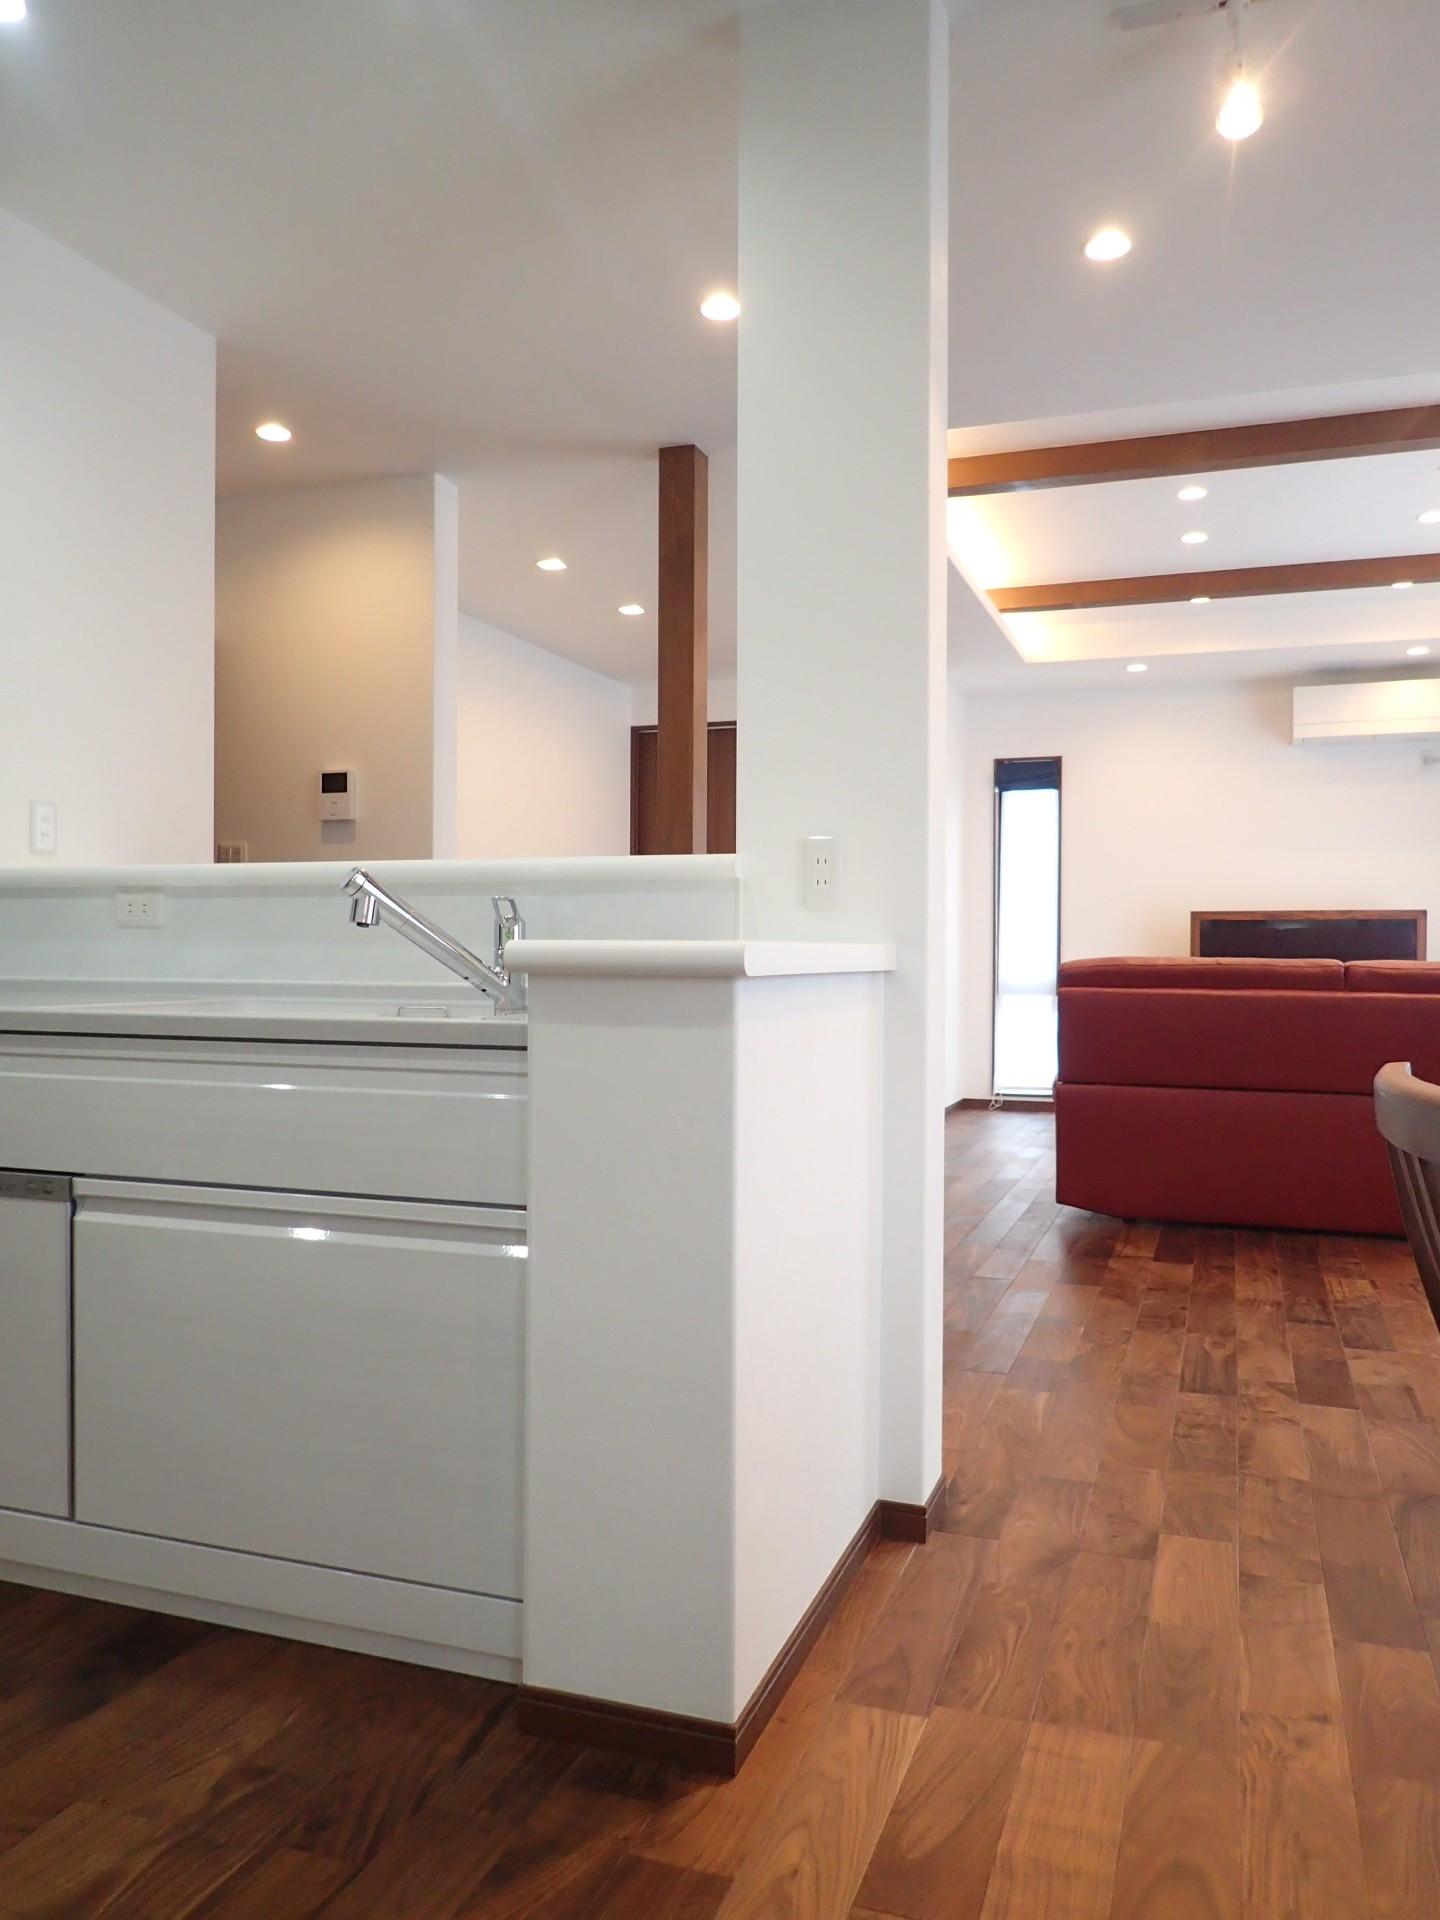 キッチン事例:キッチン(高級感漂う大空間でゆったり過ごす家)